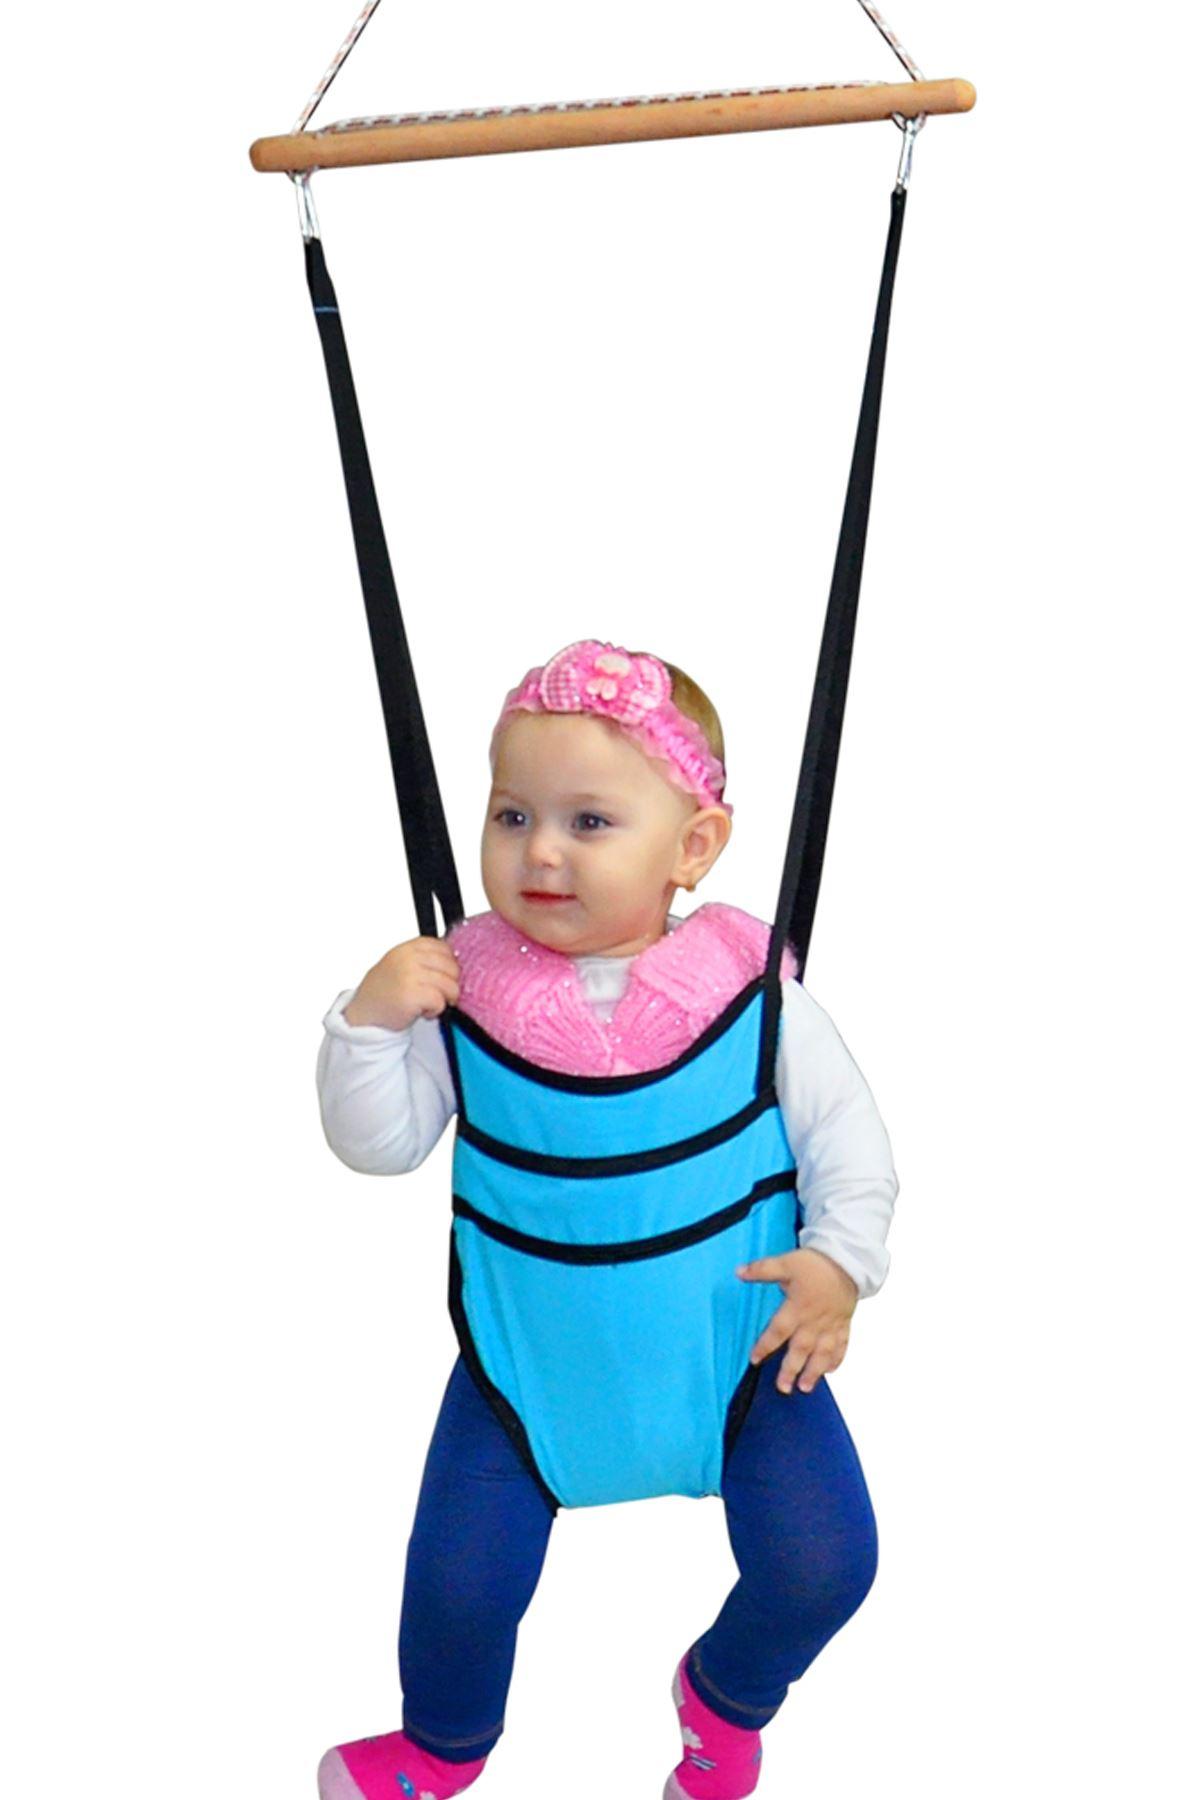 Bundera Bella Blue Baby Whoops Hoppy Walker